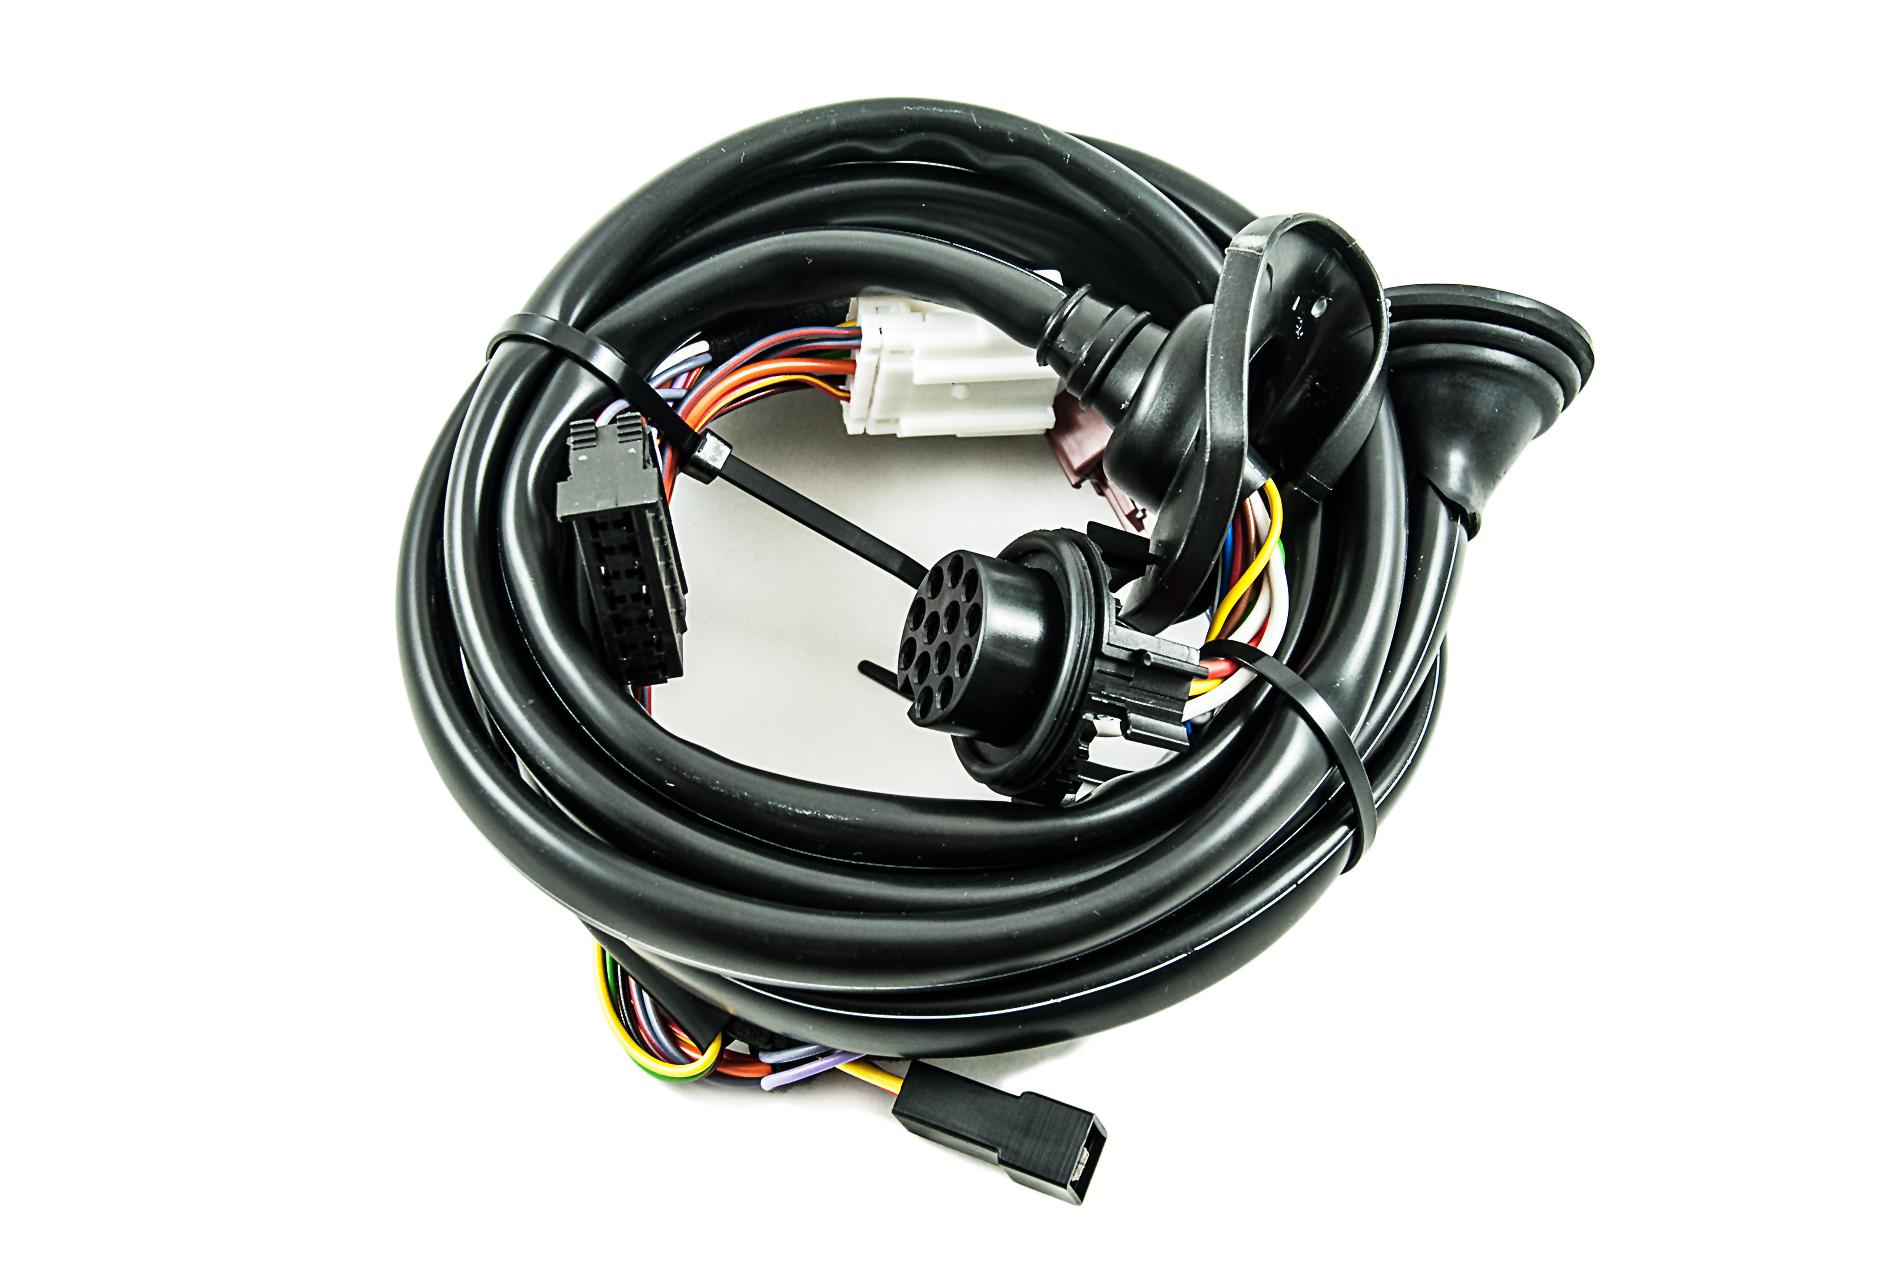 hight resolution of nissan genuine new x trail t32 towbar electrics wiring kit tek 13 x trail towbar wiring harness